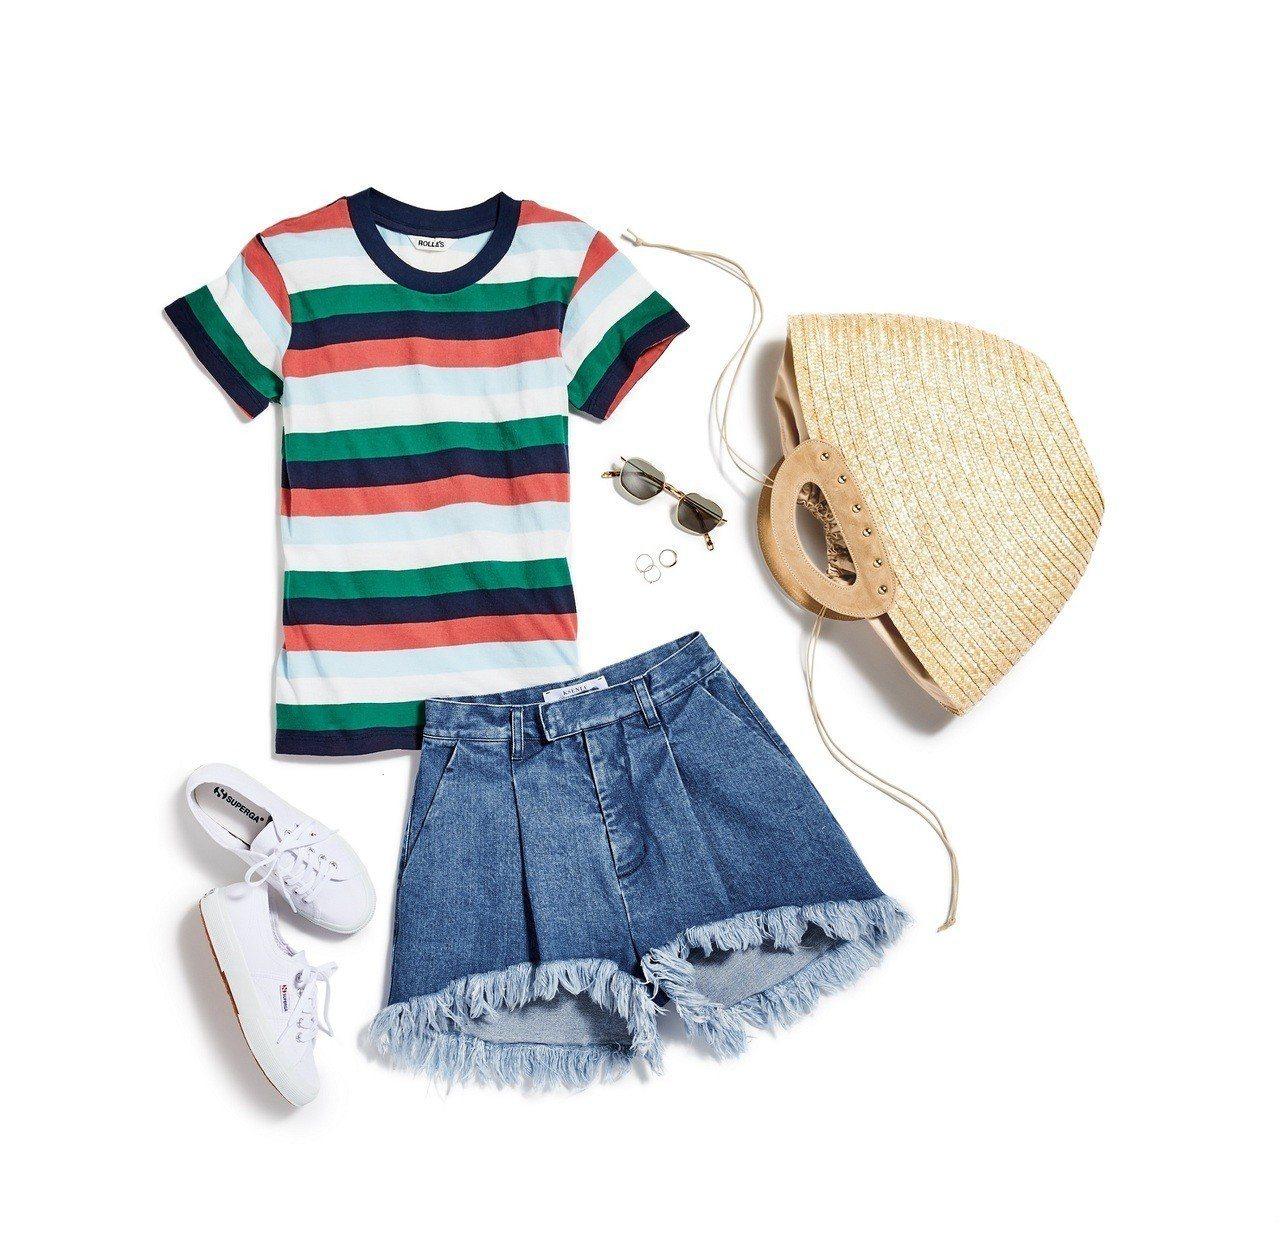 擺脫夏日無聊穿搭,利用小技巧讓牛仔短褲時髦感飆升。圖/SHOPBOP提供